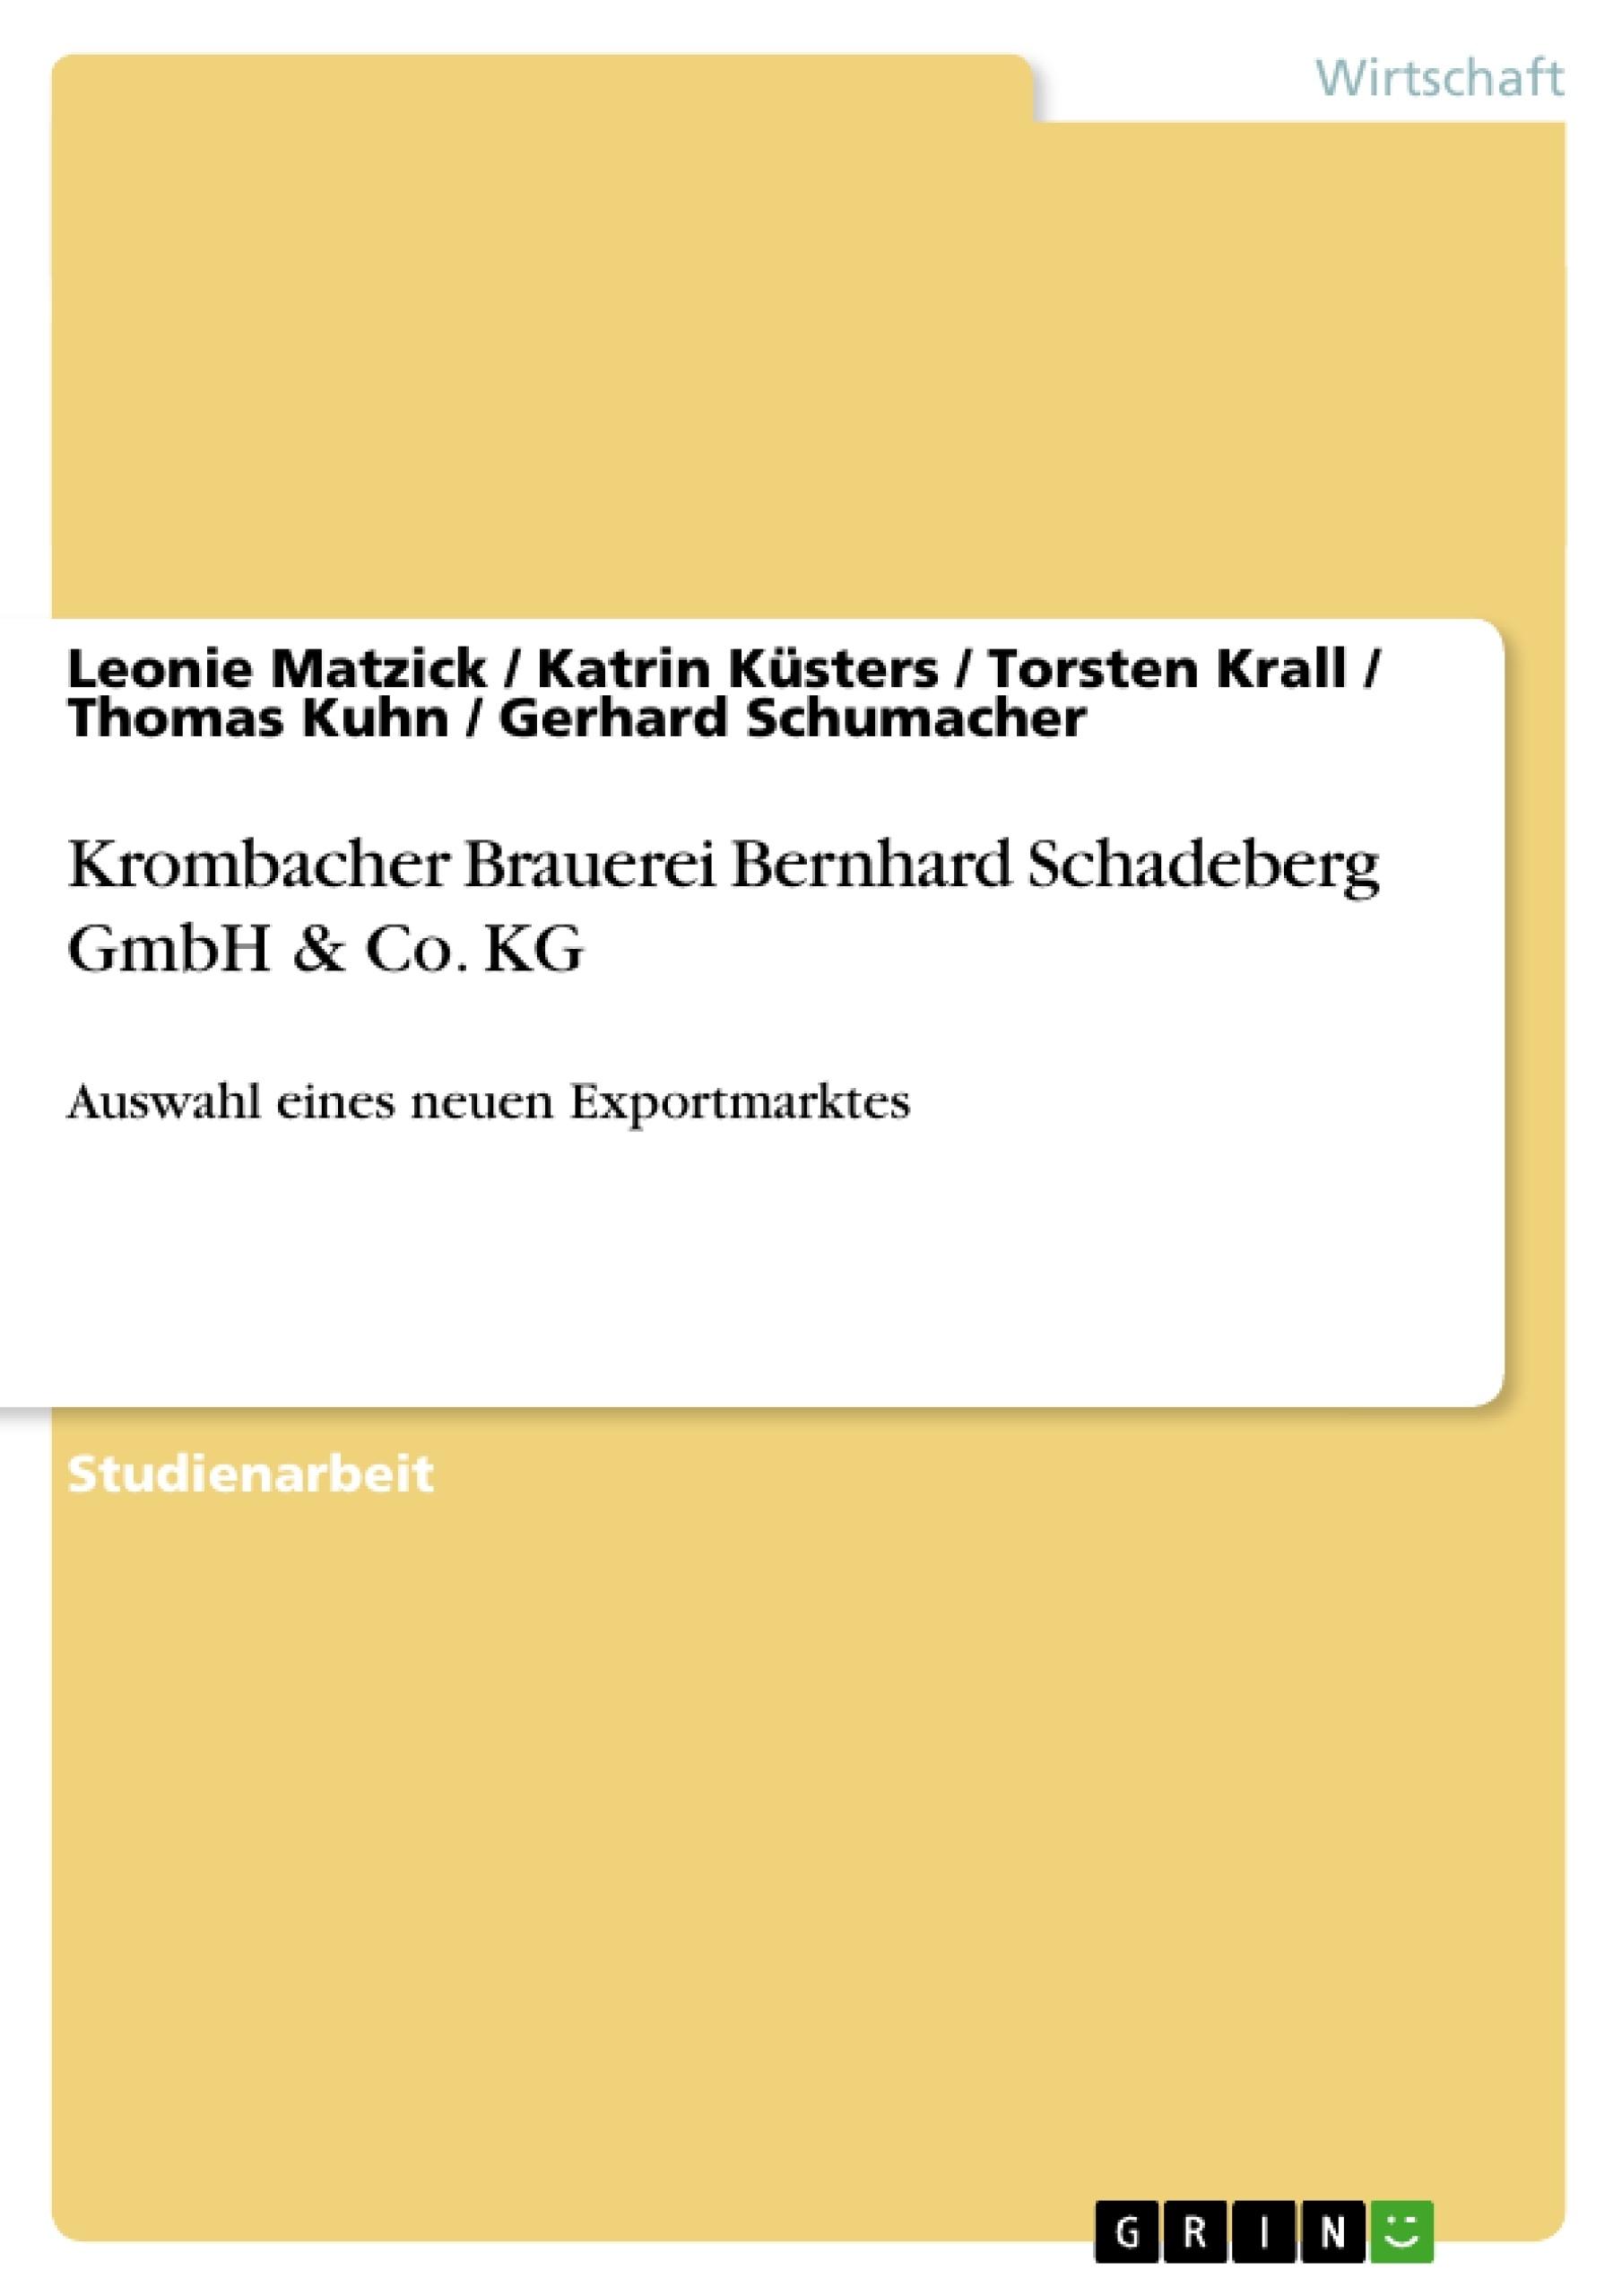 Titel: Krombacher Brauerei Bernhard Schadeberg GmbH & Co. KG